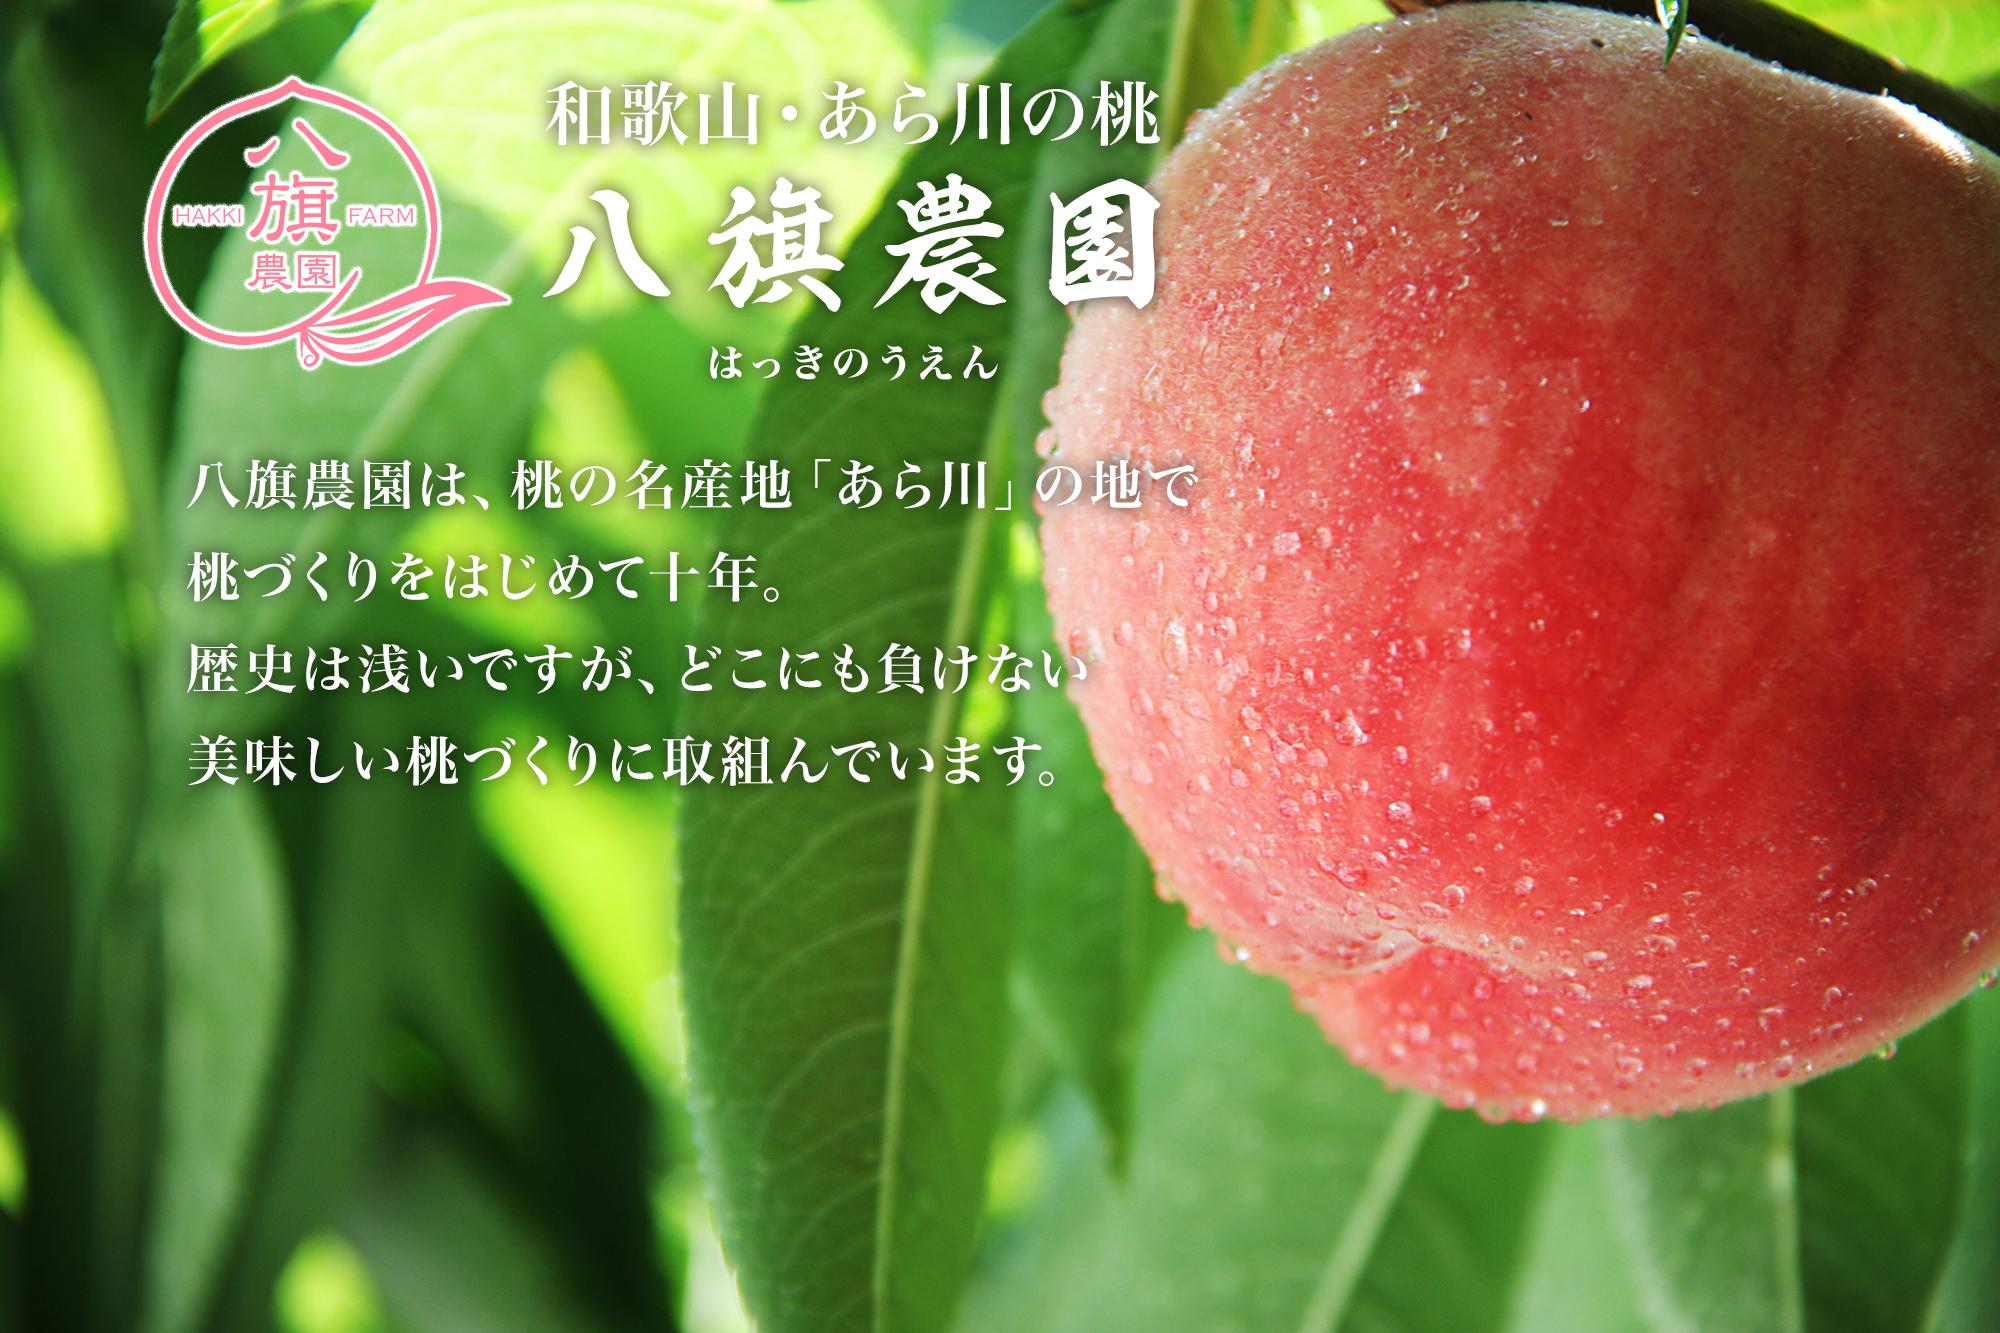 八旗農園は、桃の名産地「あら川」の地で桃づくりをはじめて10年